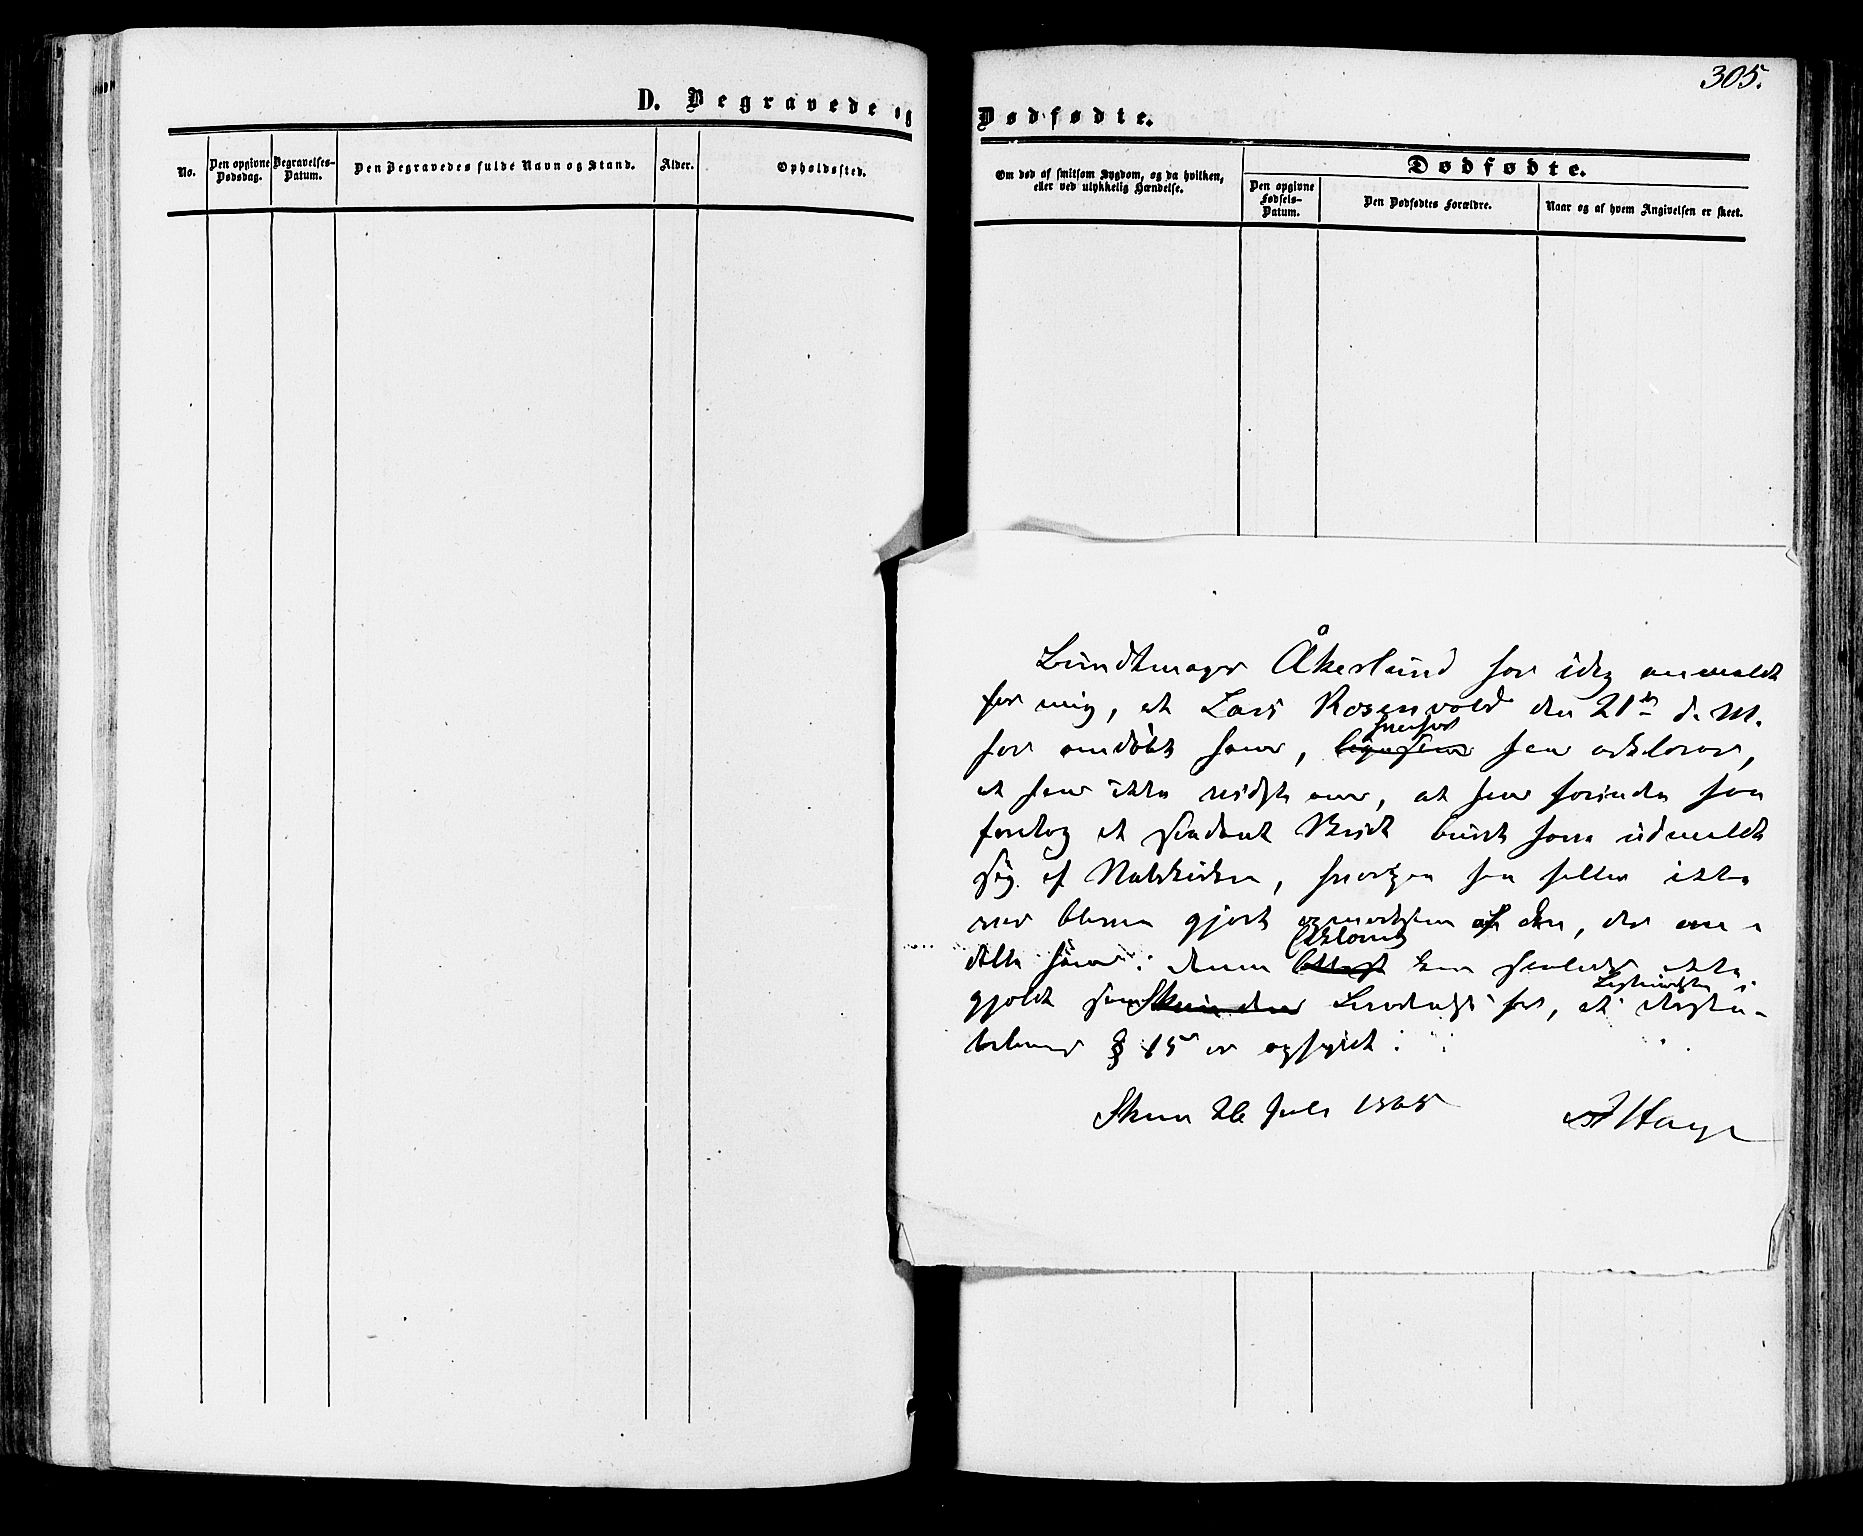 SAKO, Skien kirkebøker, F/Fa/L0007: Ministerialbok nr. 7, 1856-1865, s. 305